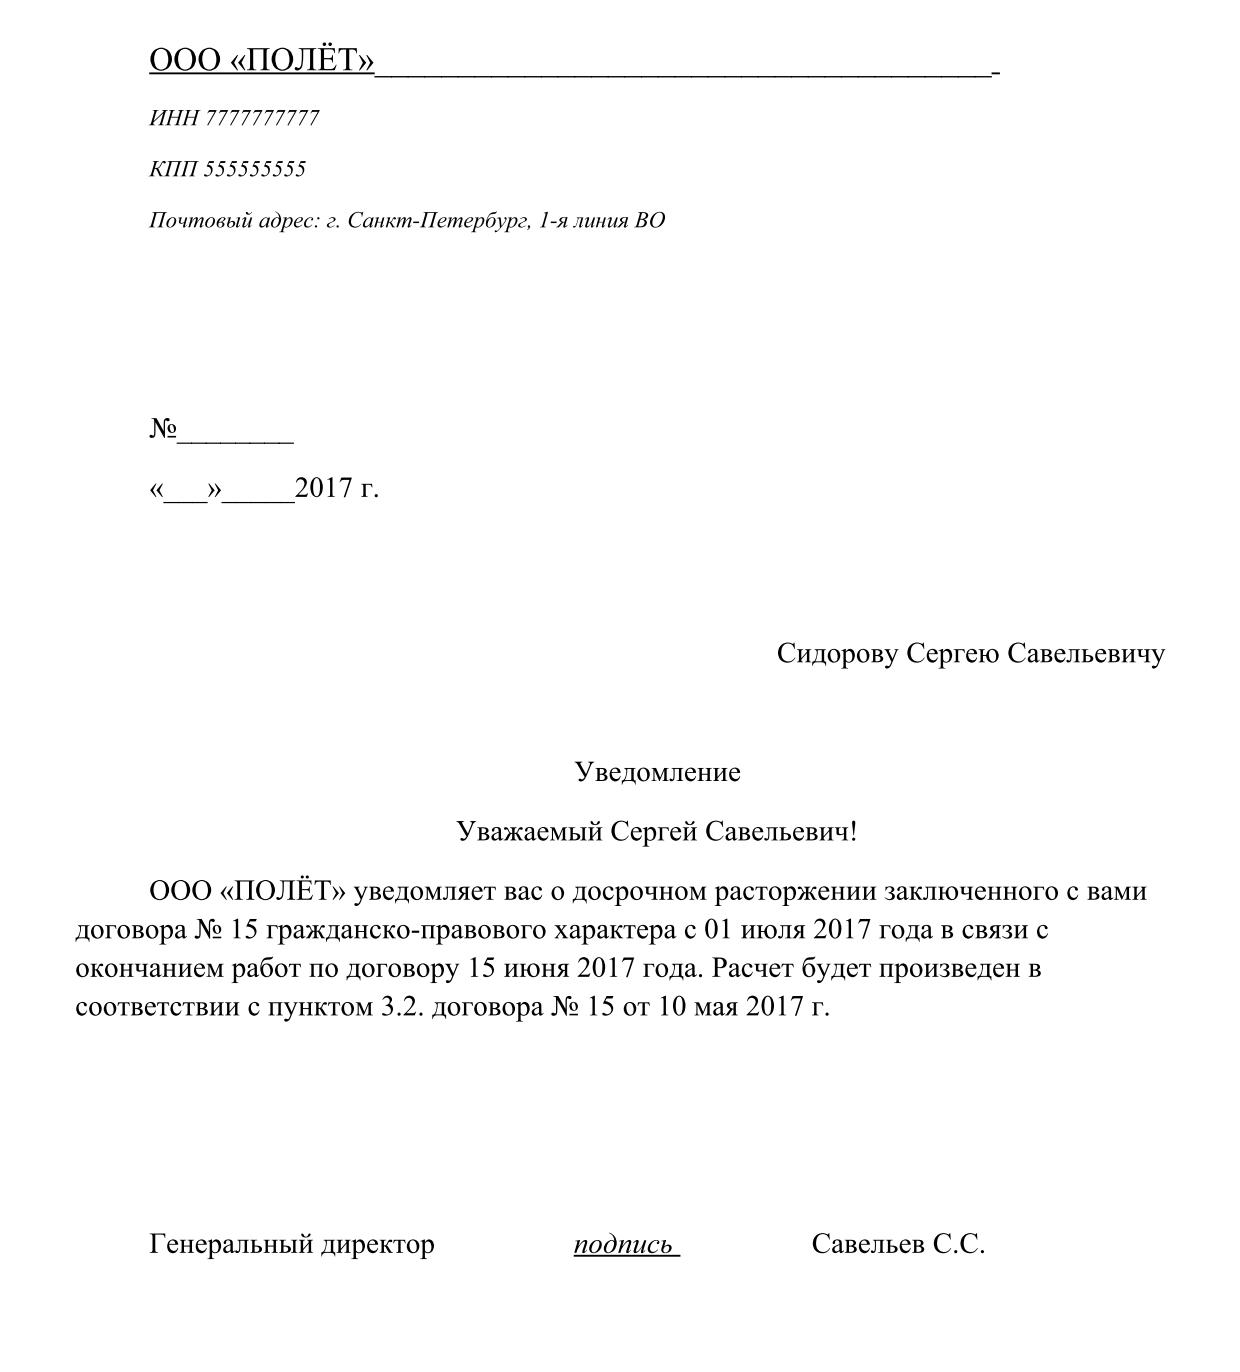 Трудовой договор для фмс в москве Адмирала Лазарева улица ндфл вычет